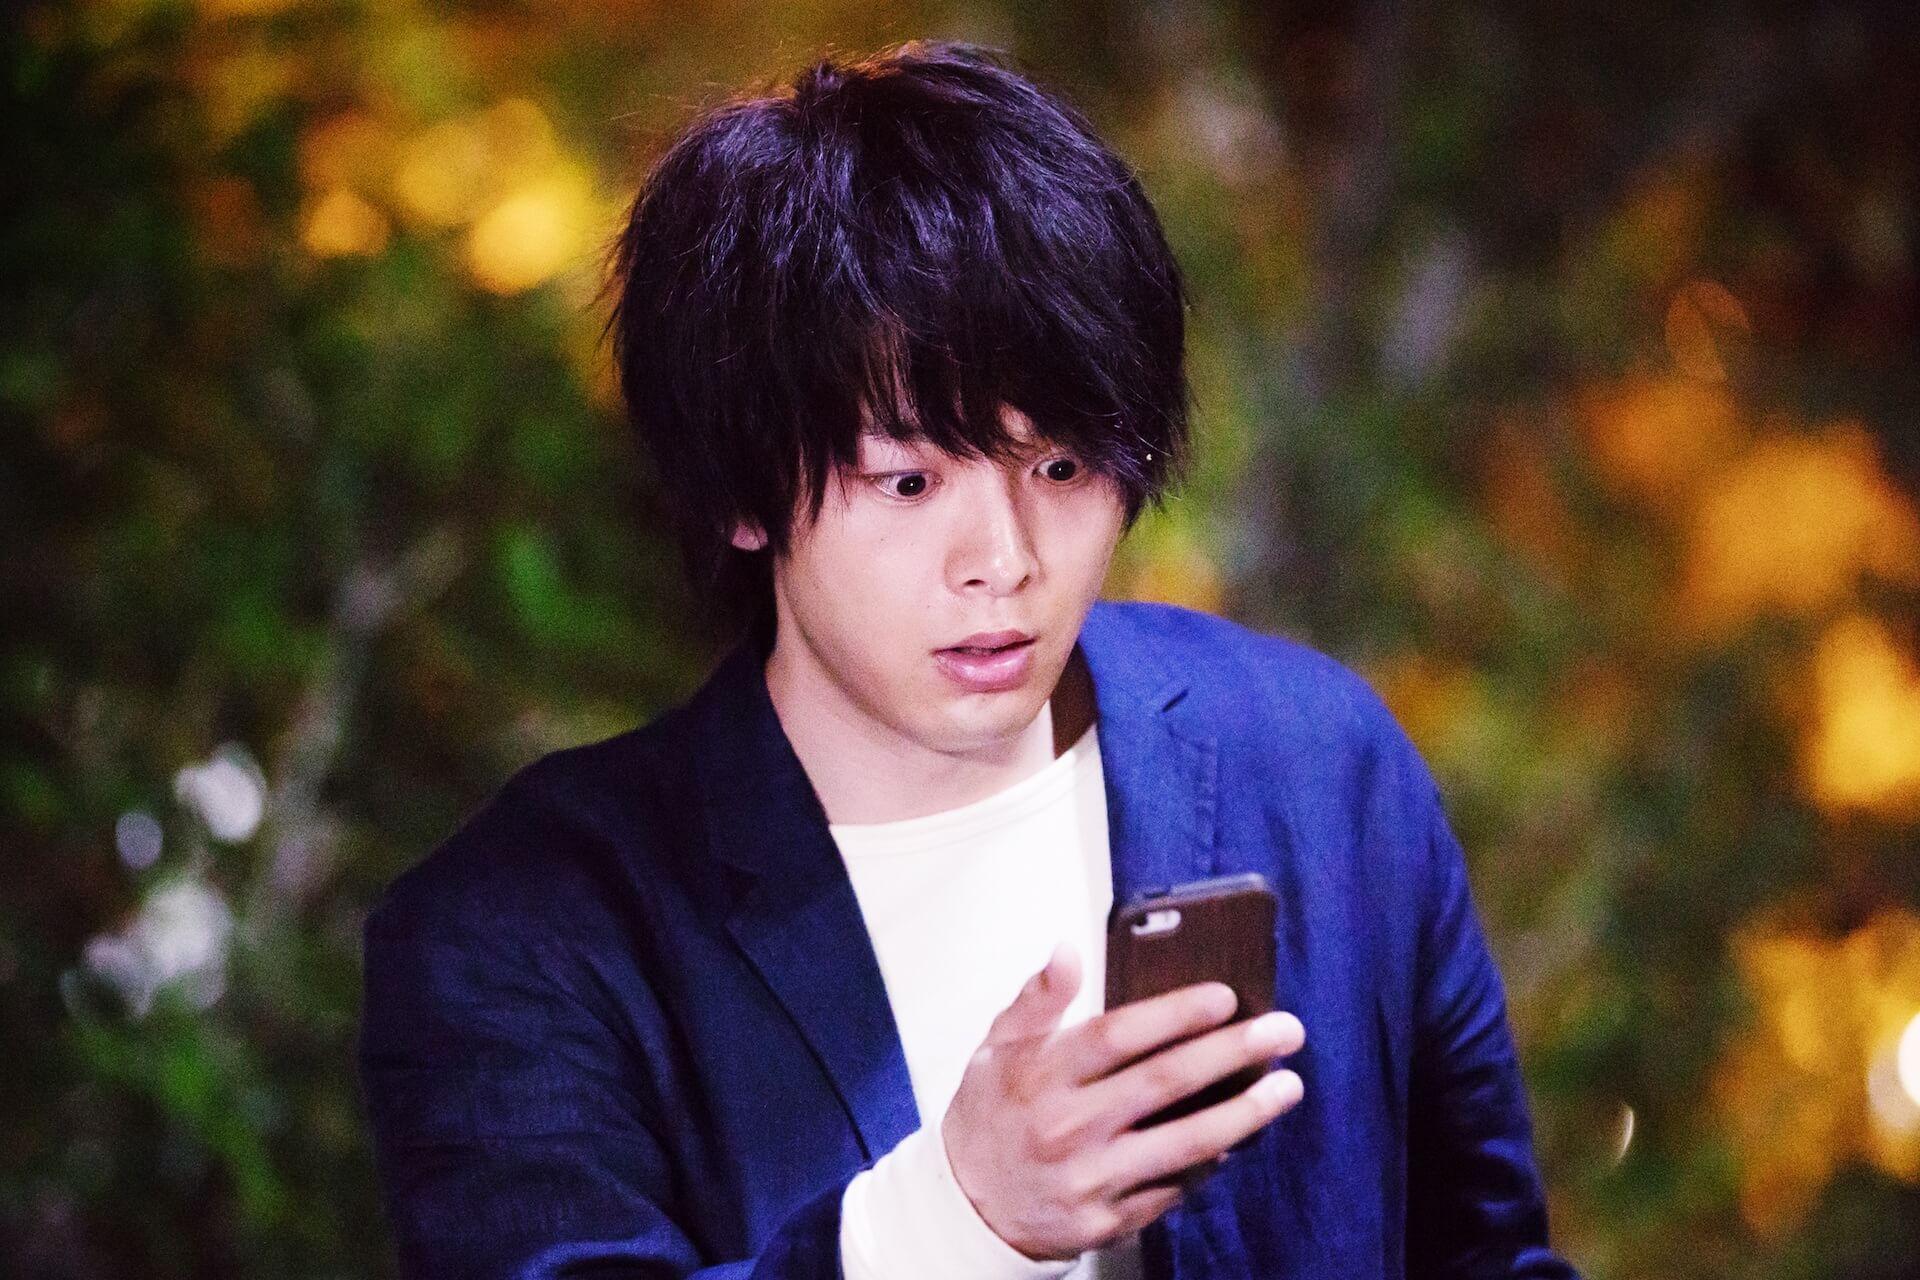 『となりのトトロ』が劇場に帰ってくる!<映画のまち調布 シネマフェスティバル2021>開催で人気作品が上映決定 film201201_chofu_eiga_5